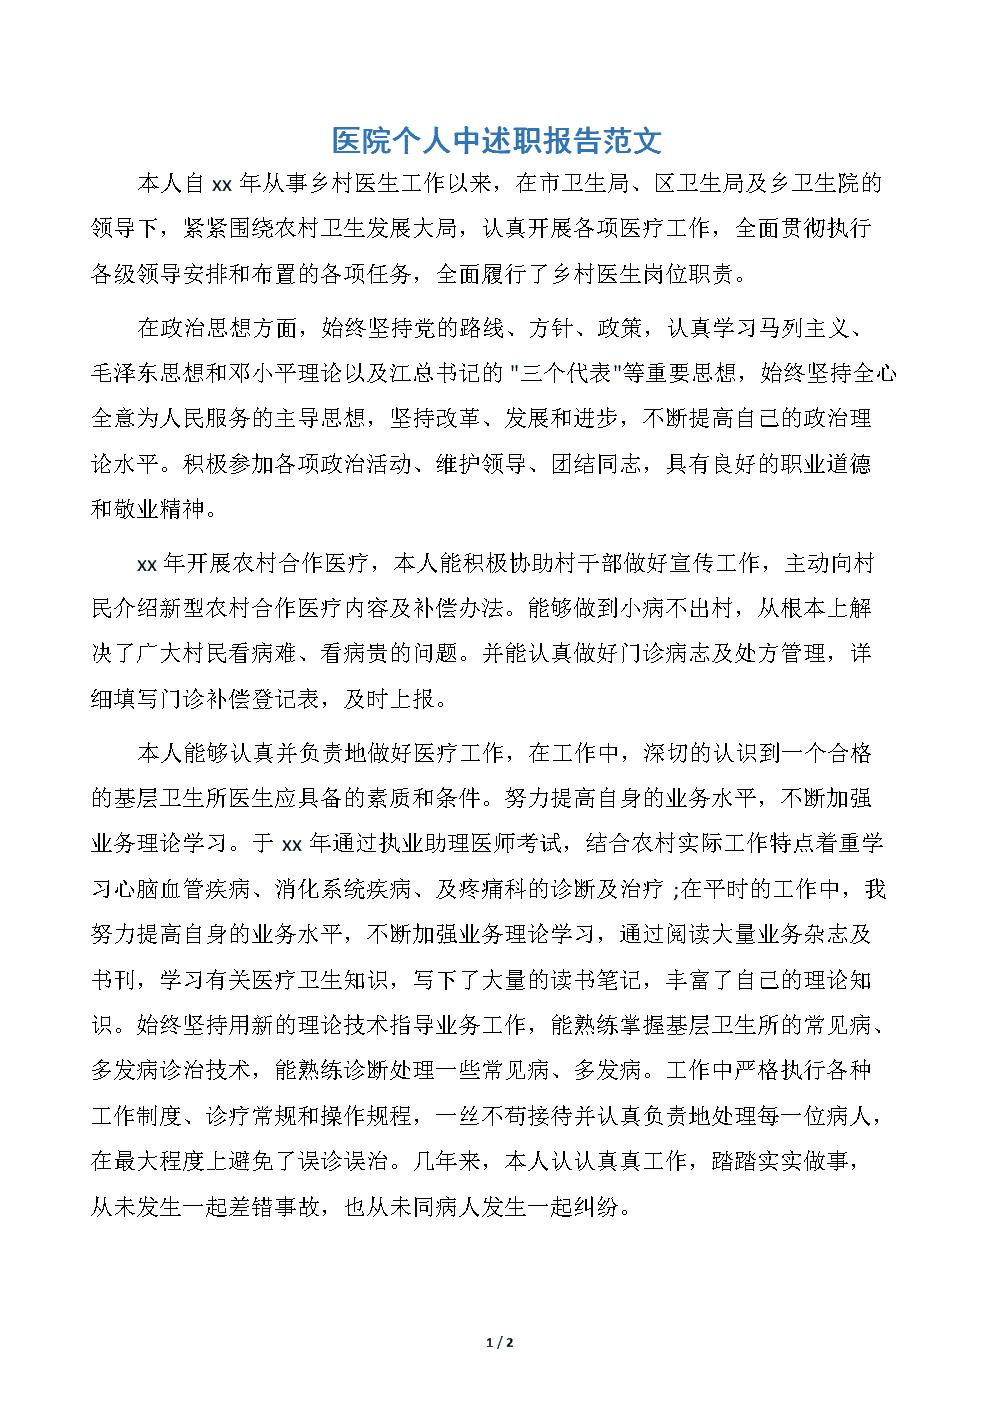 医院个人中述职报告范文.docx